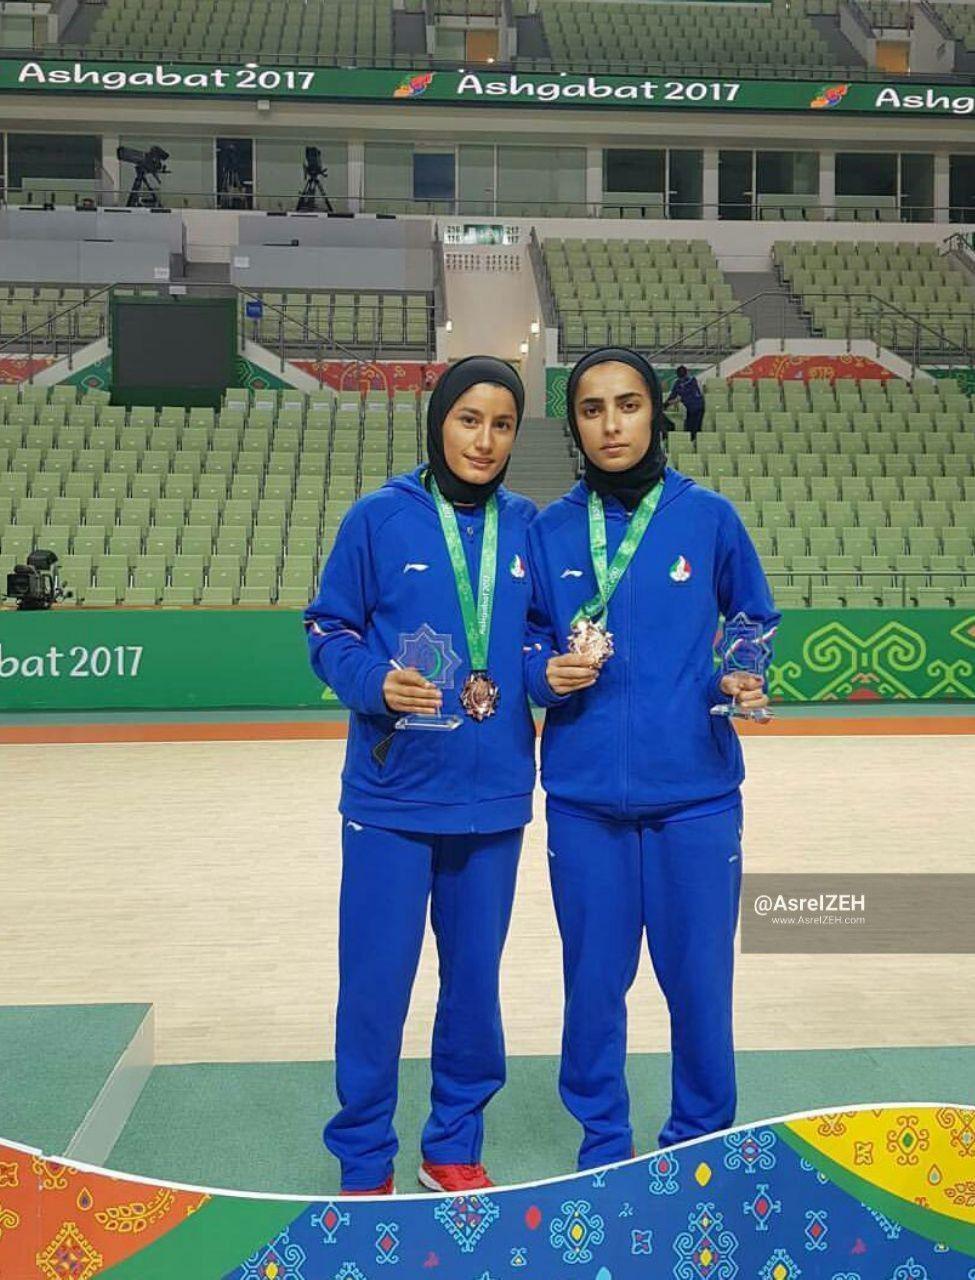 دو ایذهای در راه رقابتهای قهرمانی فوتسال زنان آسیا